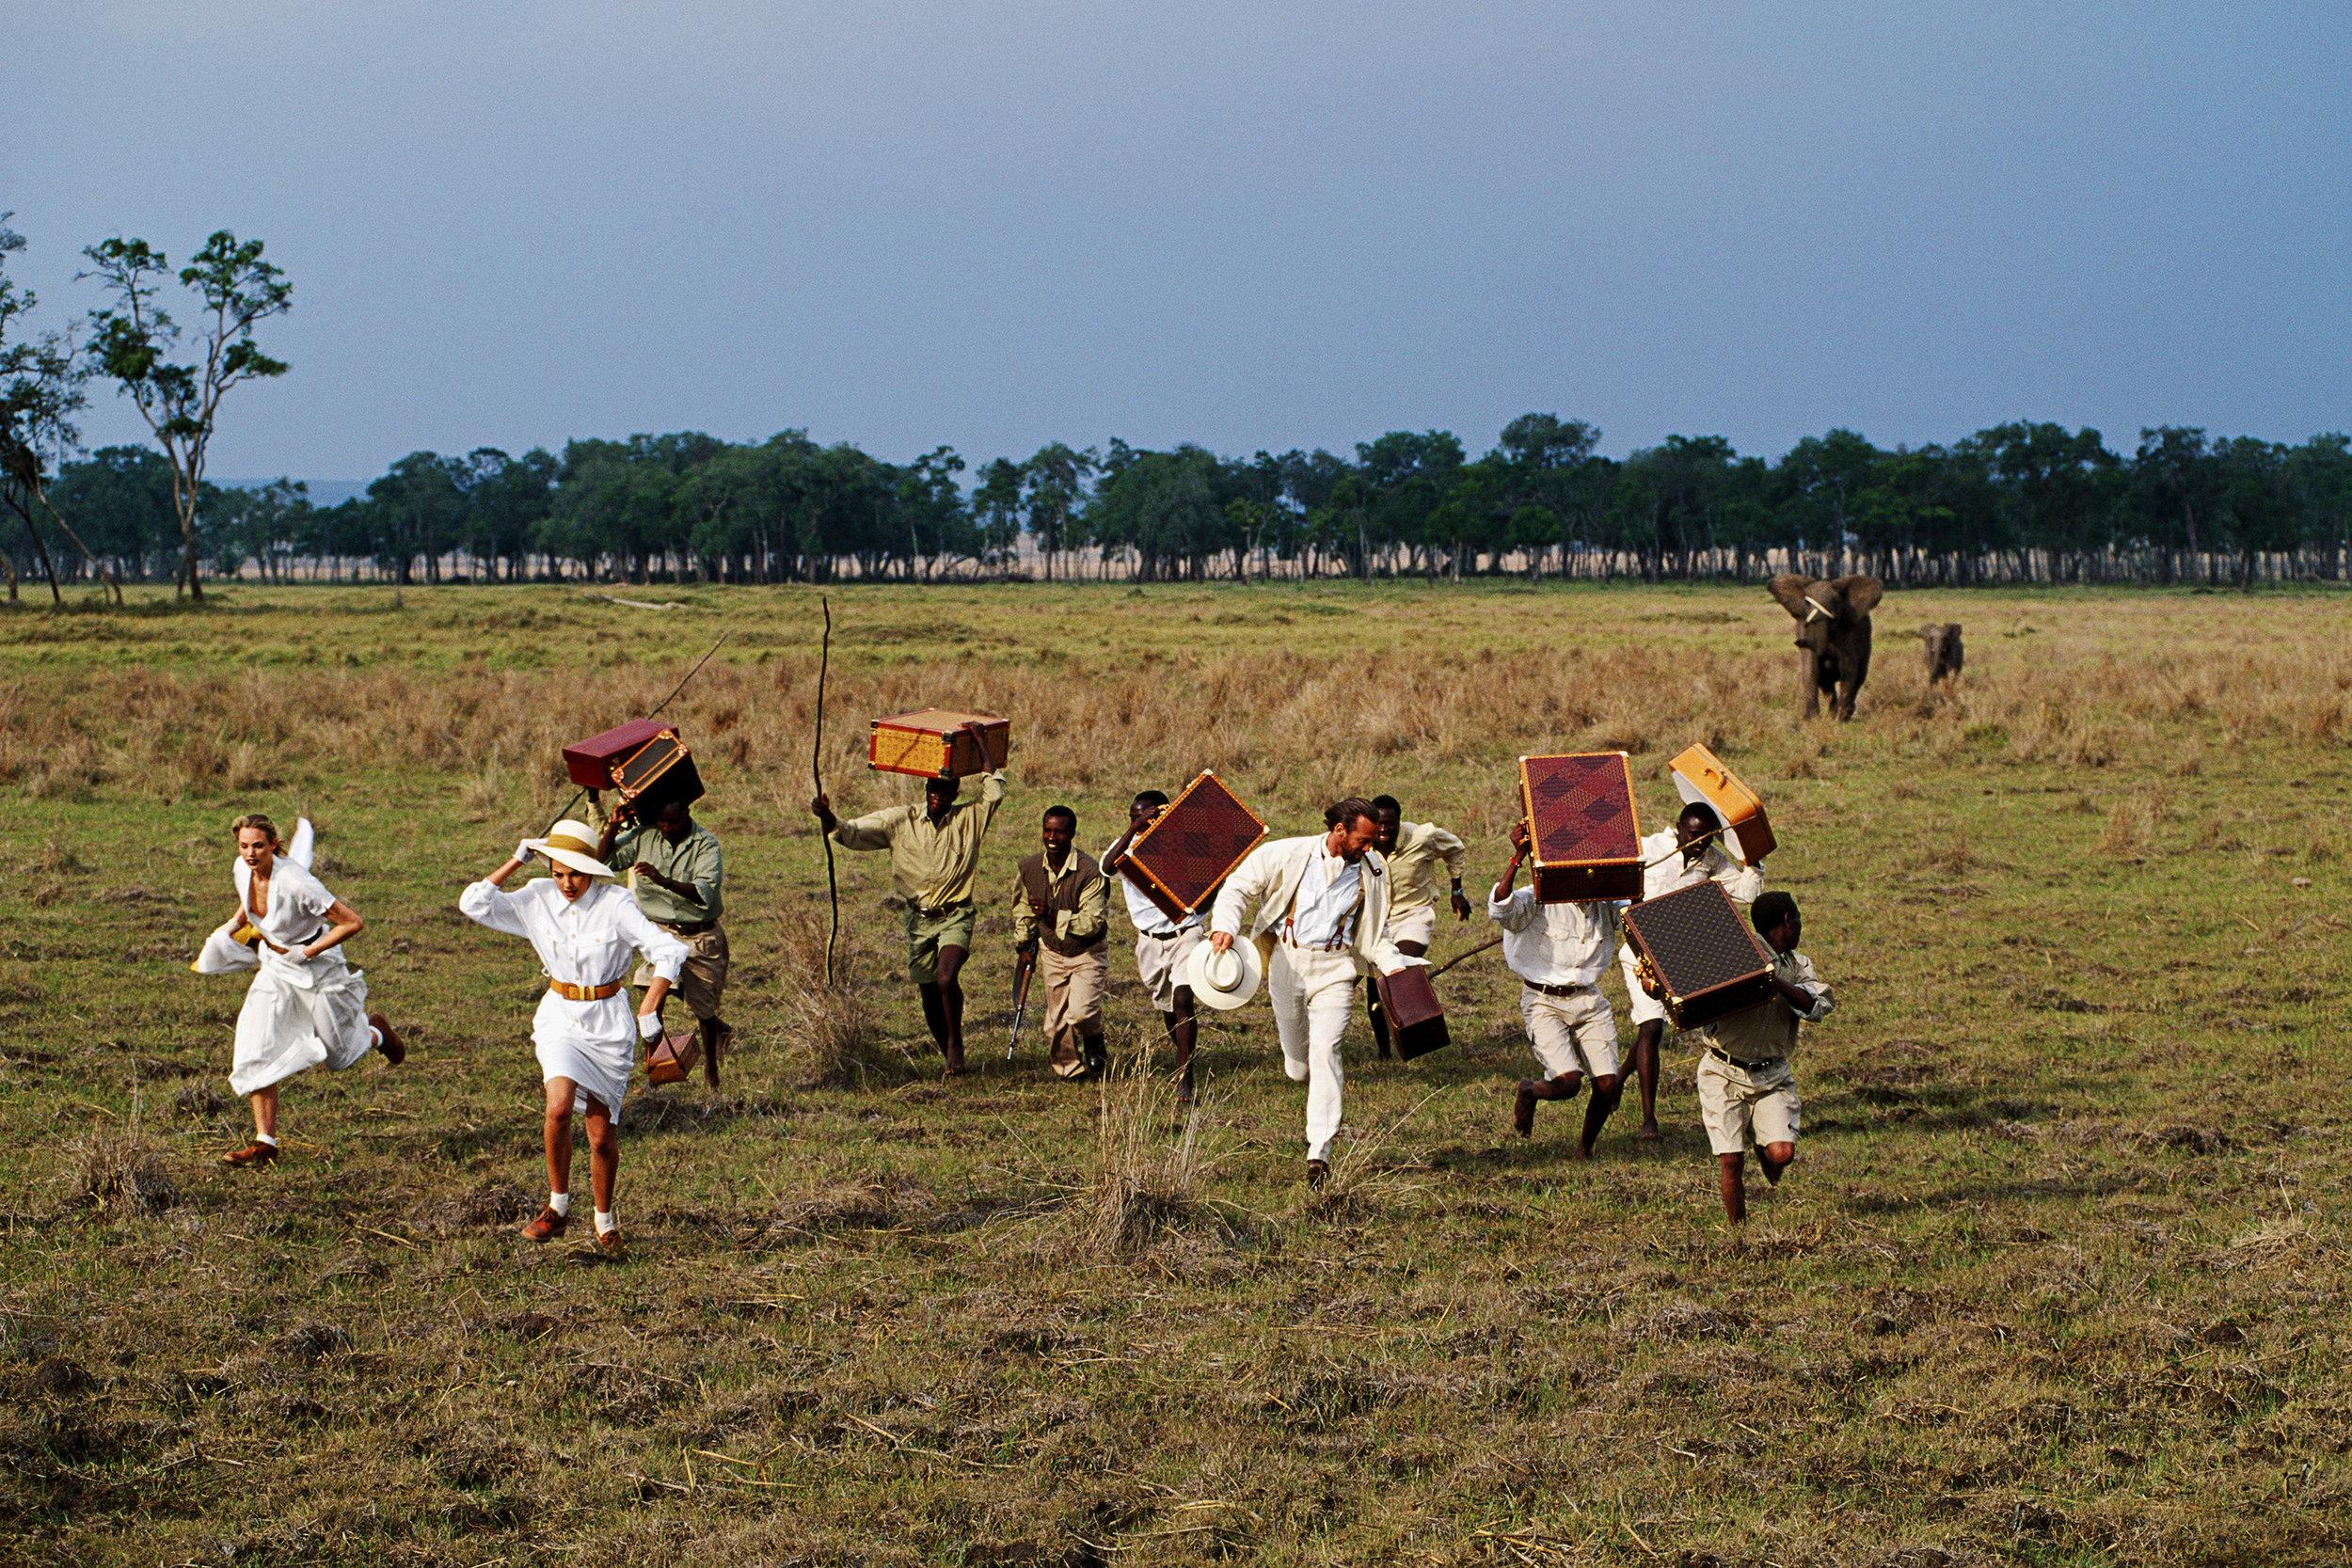 Serengeti Kenia 150x225cm.jpg